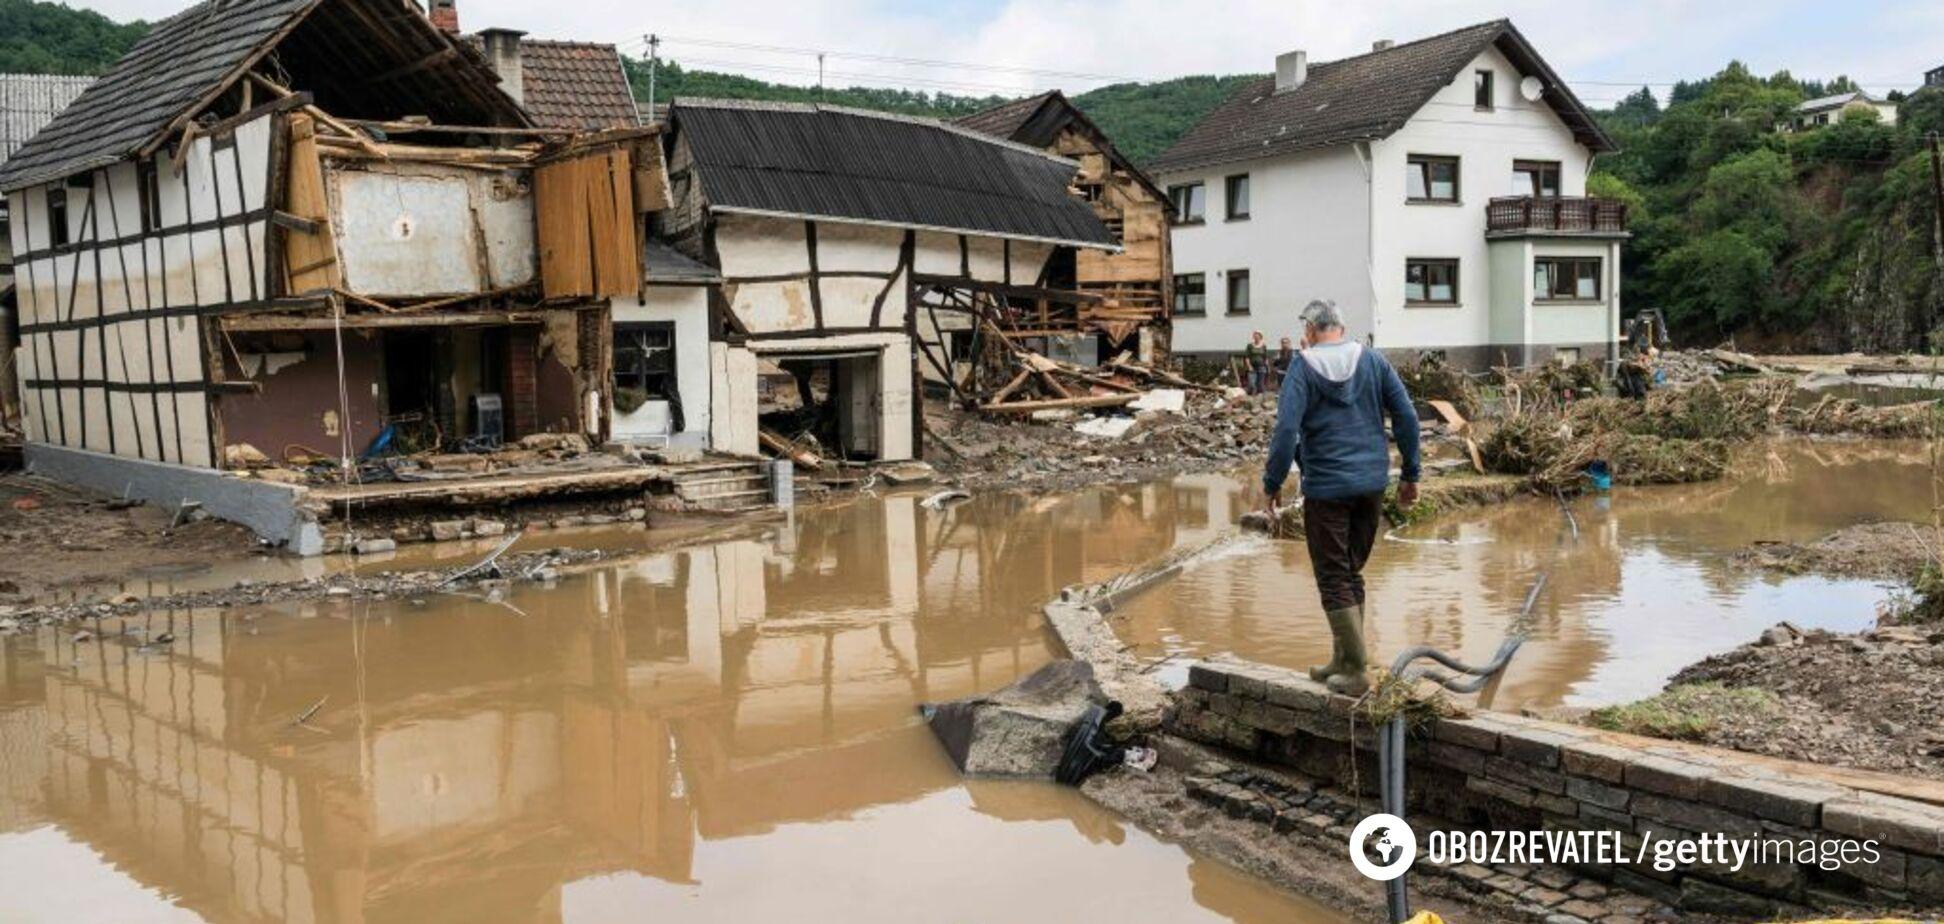 В Германии после наводнений обнаружили 350 килограммов боеприпасов времен Второй мировой войны. Фото